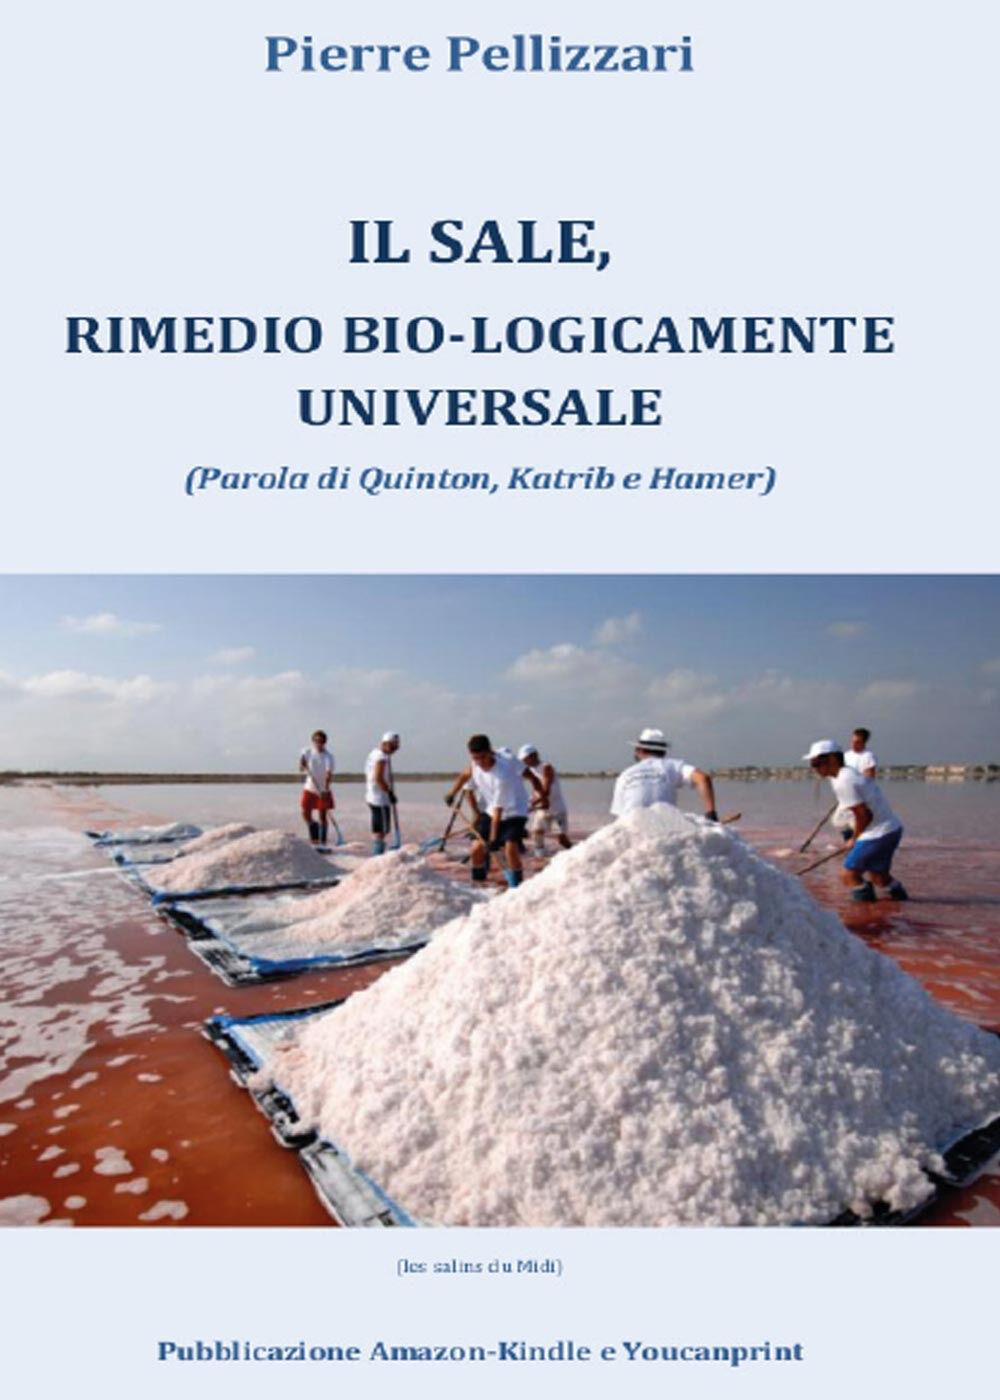 Il sale, rimedio bio-logicamente universale